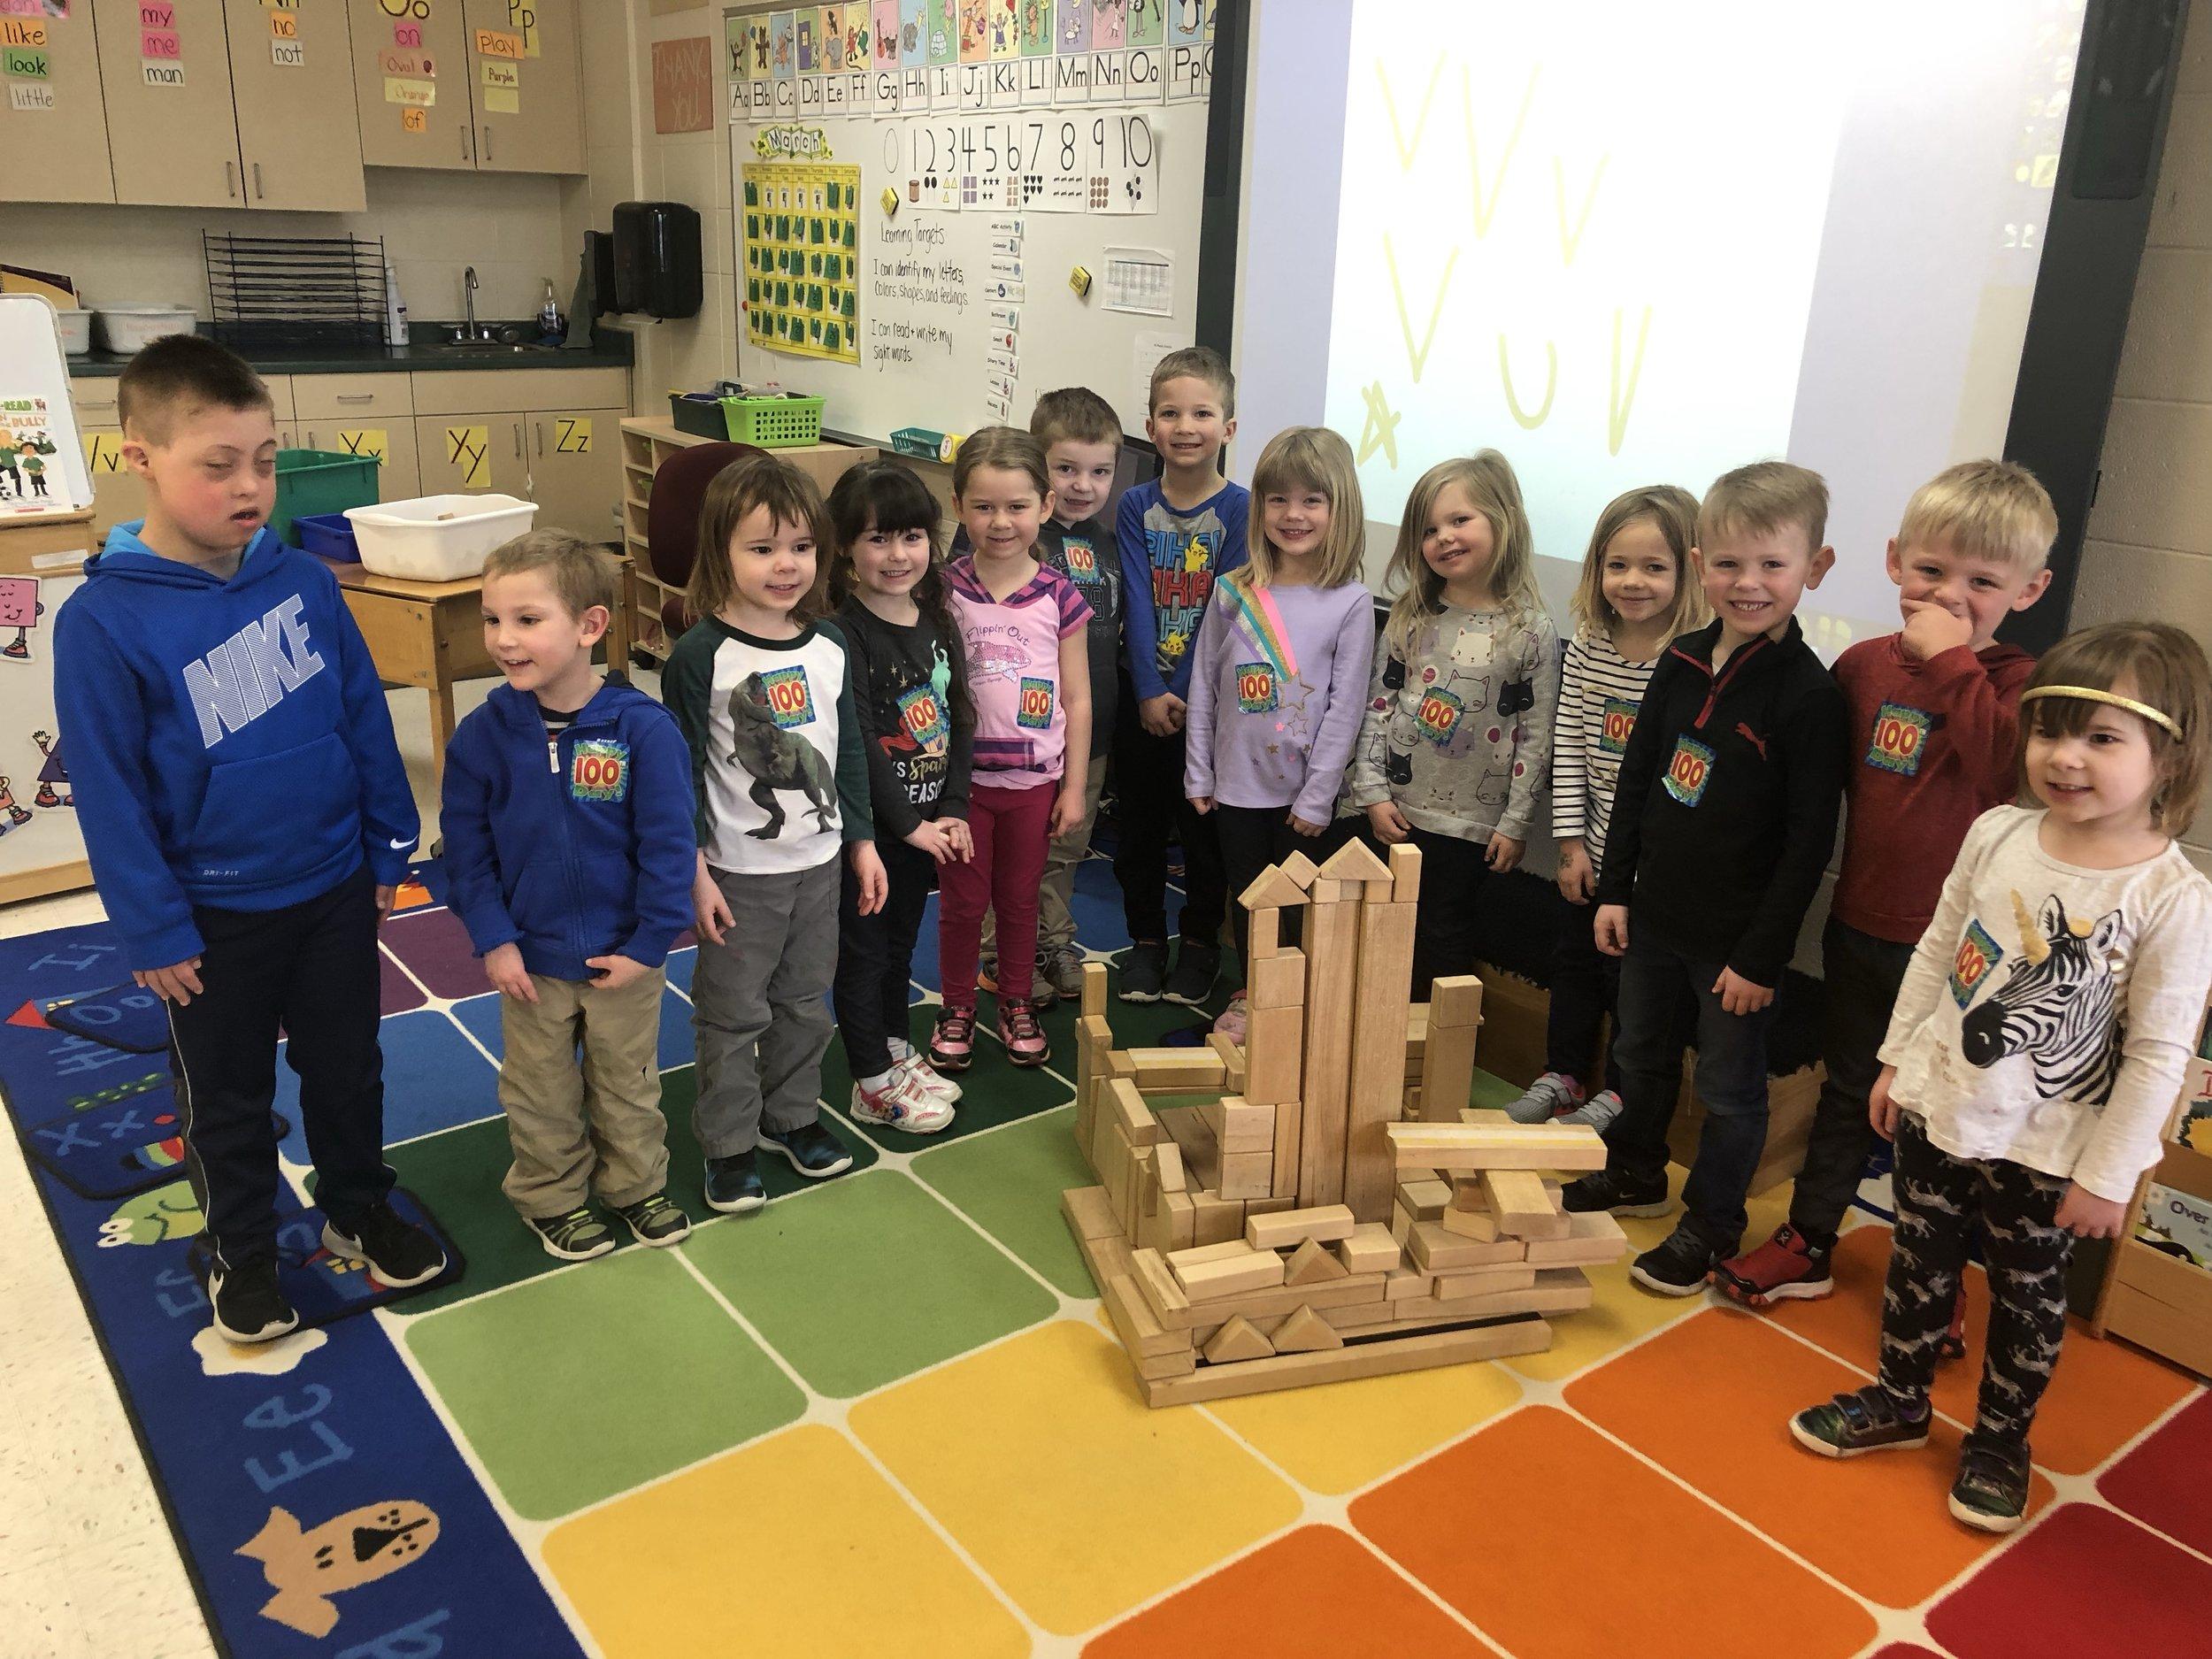 100 block castle